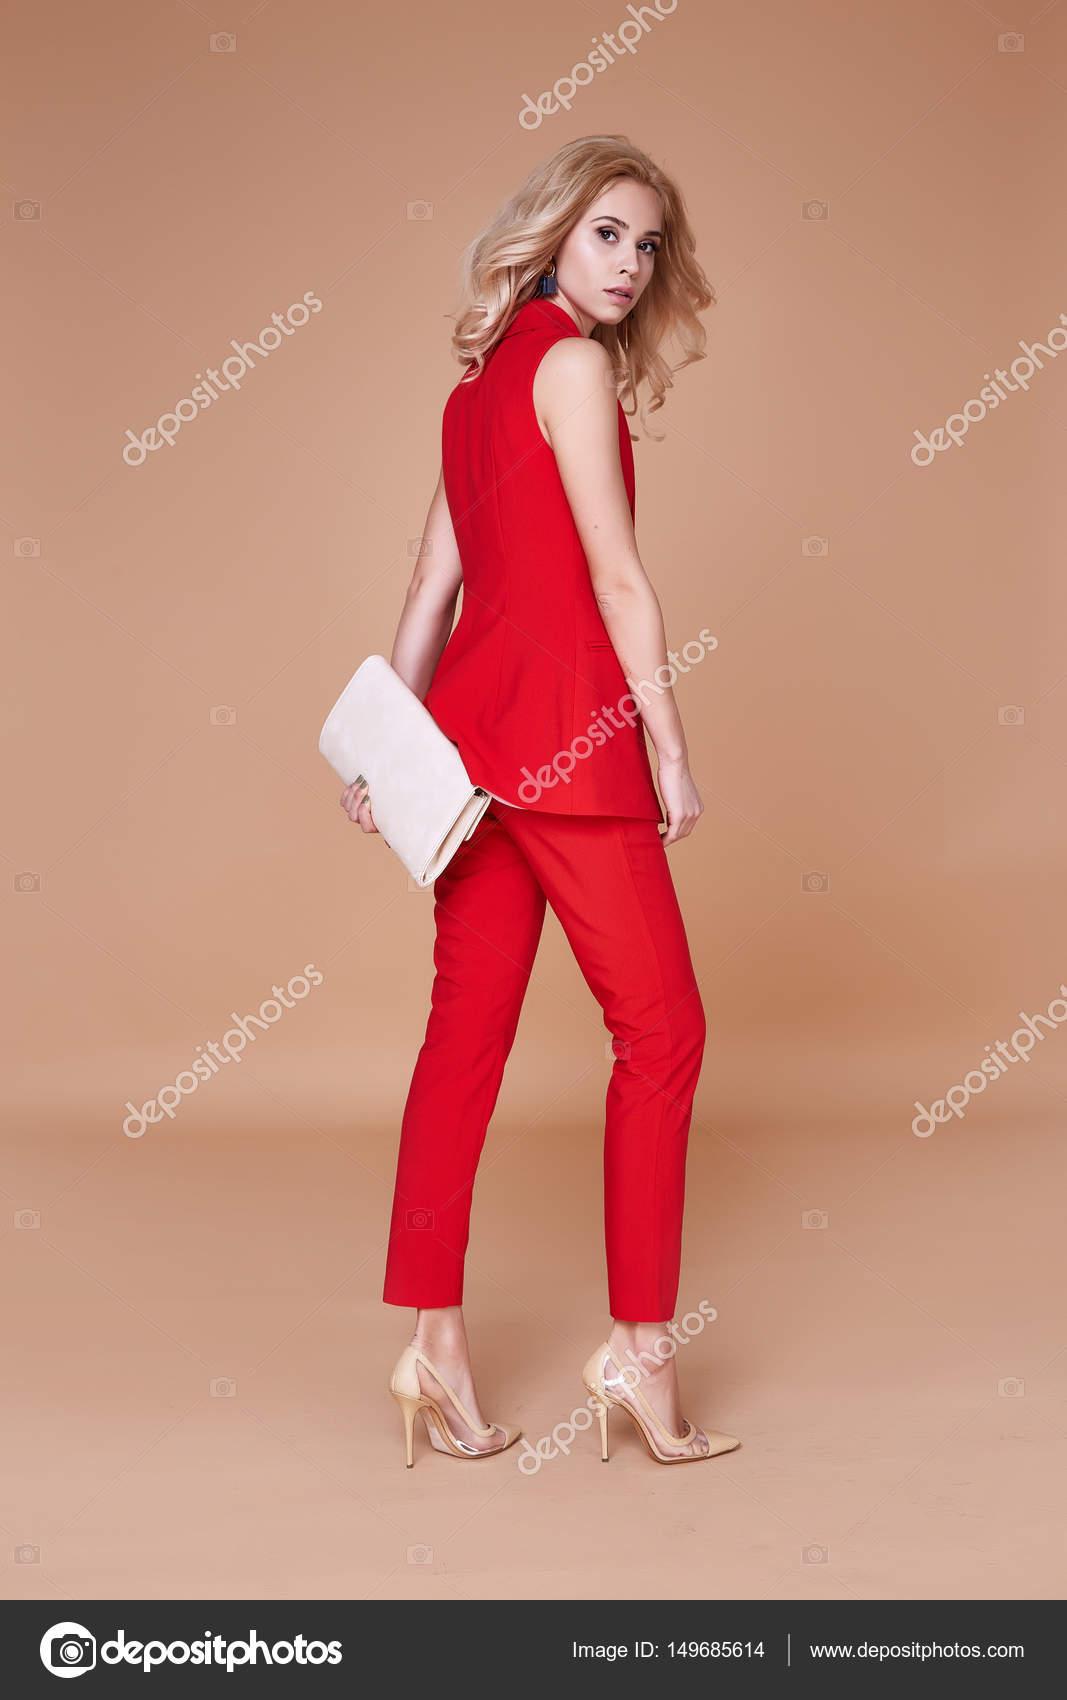 Chica Rojo Traje Guapa Ropa Sexy De Y Hermosa Seda Chaqueta FfrqFn0